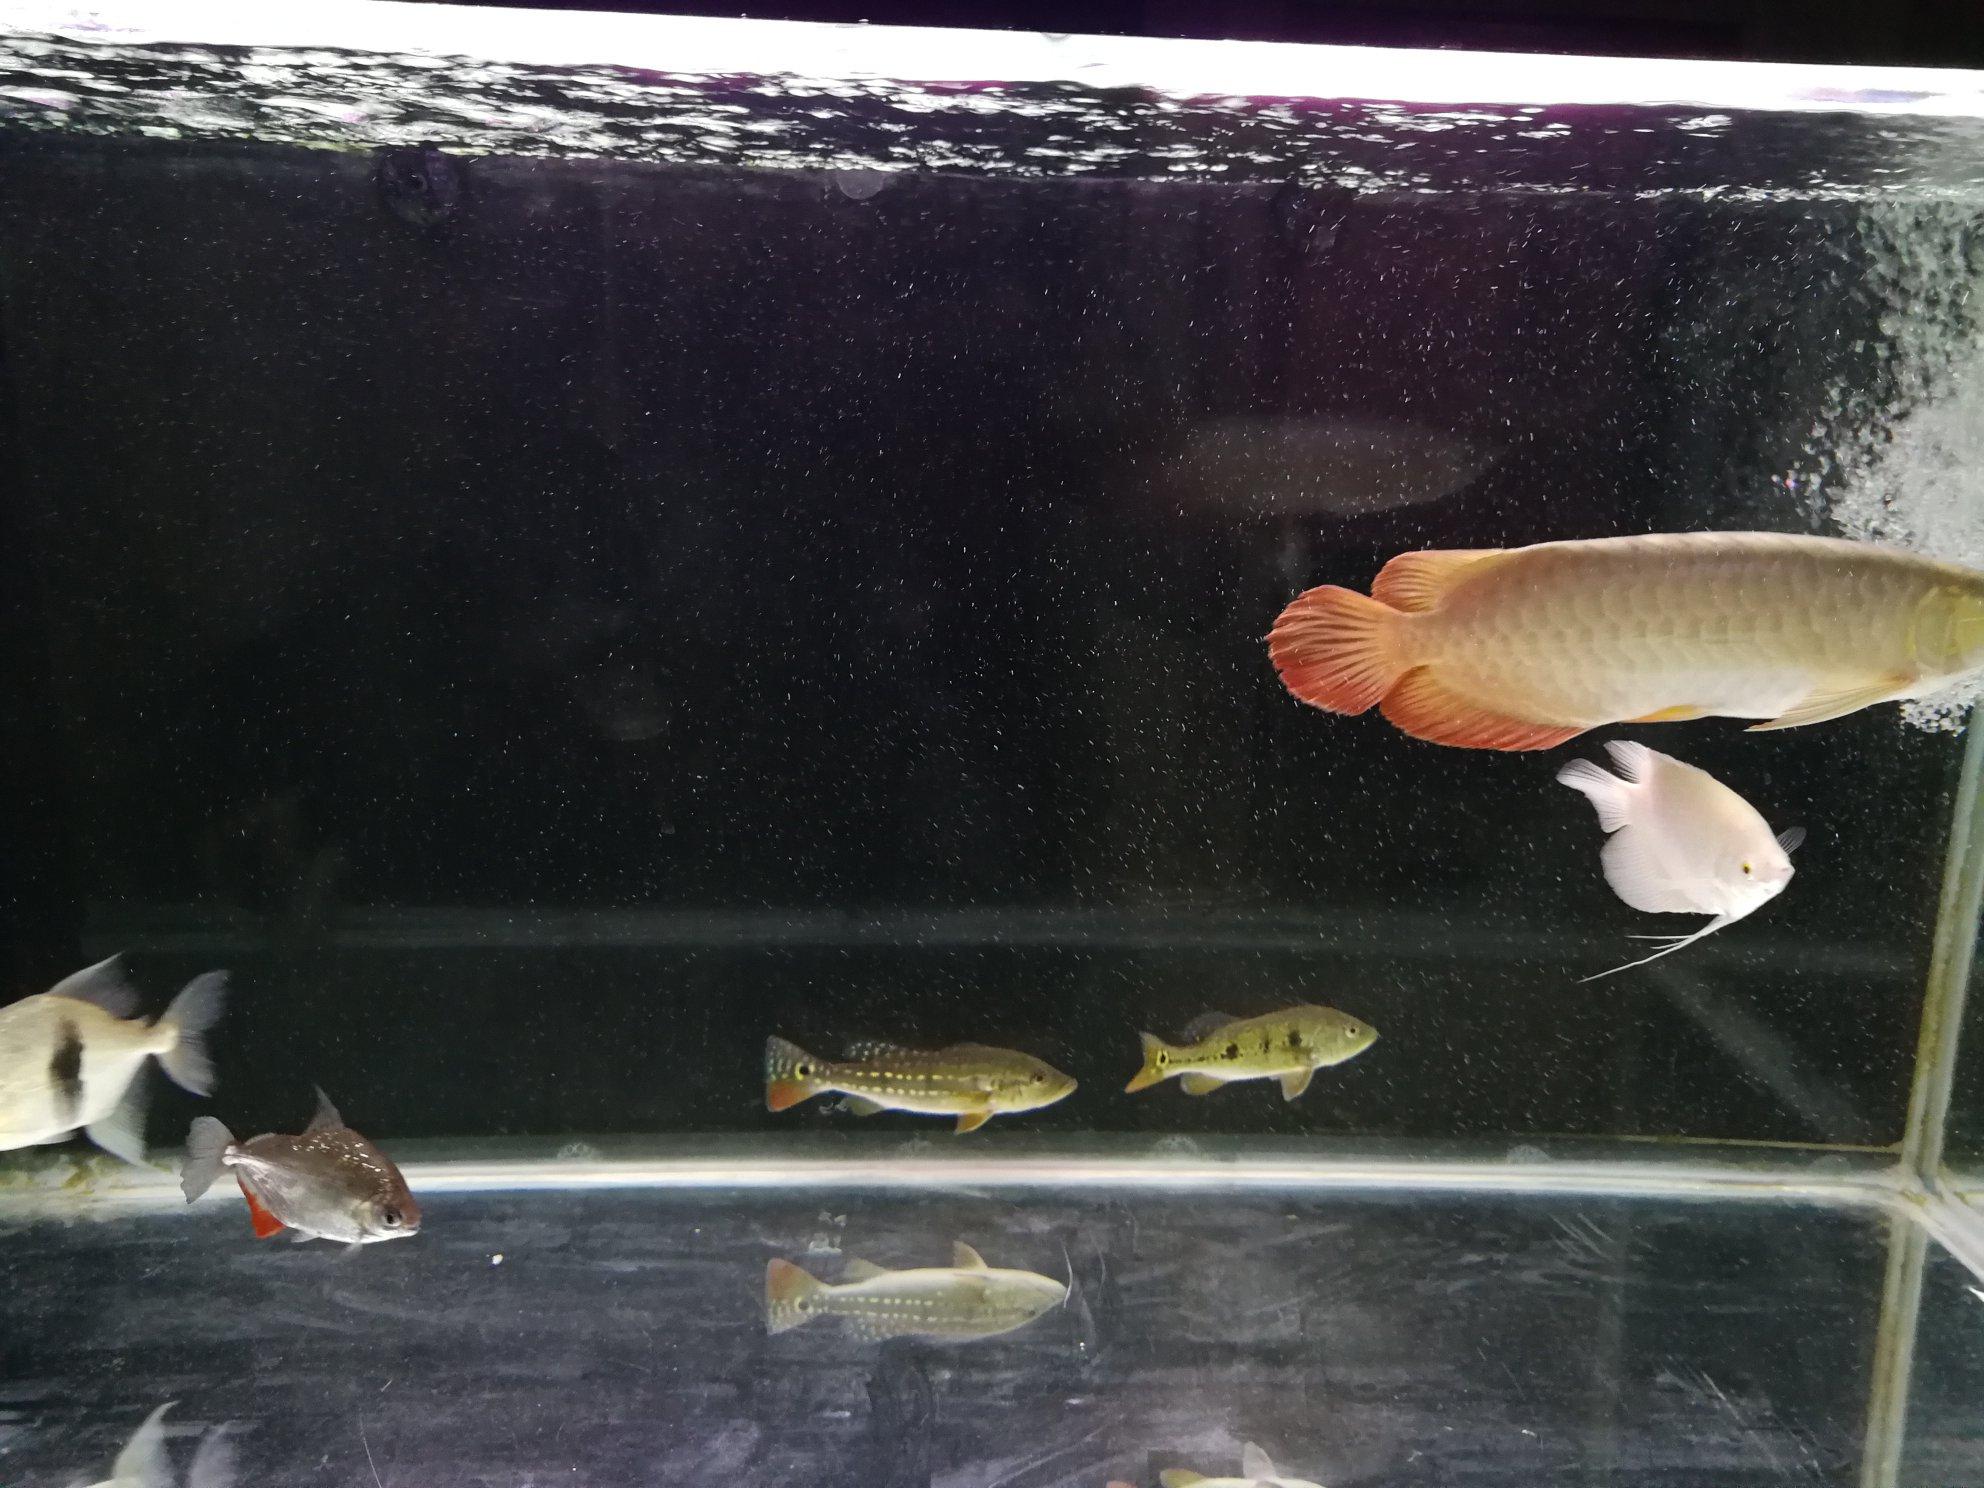 鱼缸里的水有水泡 西安观赏鱼信息 西安博特第8张